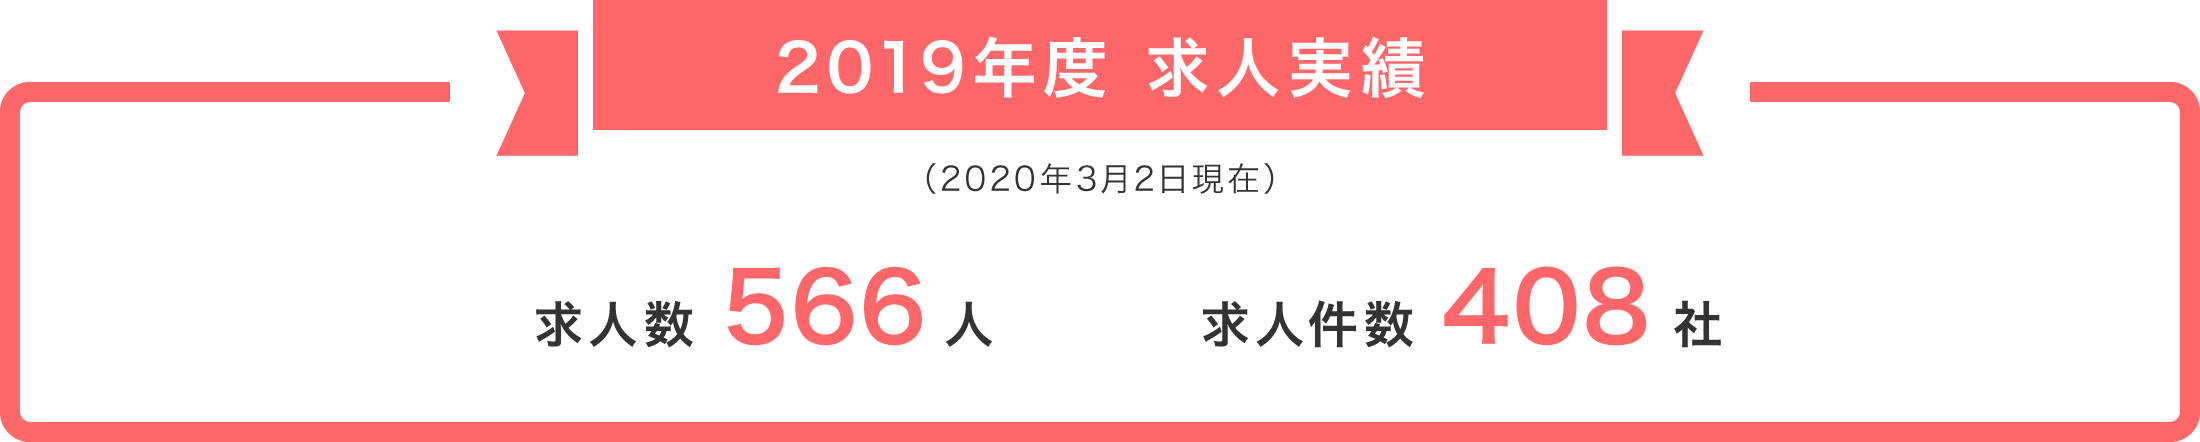 2019年度求人実績